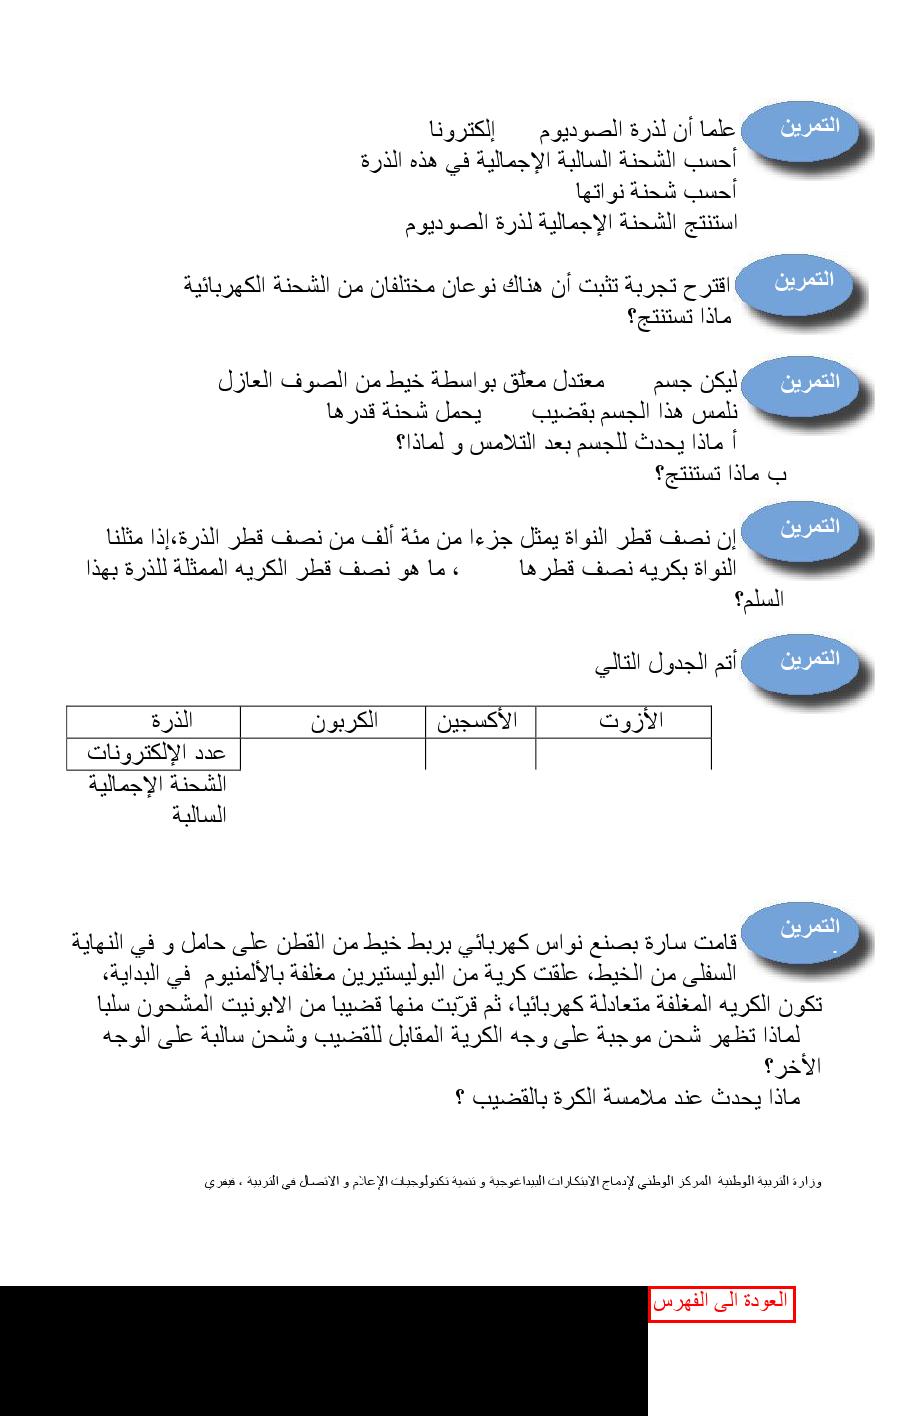 ملخصات، تمارين و مواضيع مع الحل  في العلوم الفيزيائية 4 متوسط 21-02c391e684